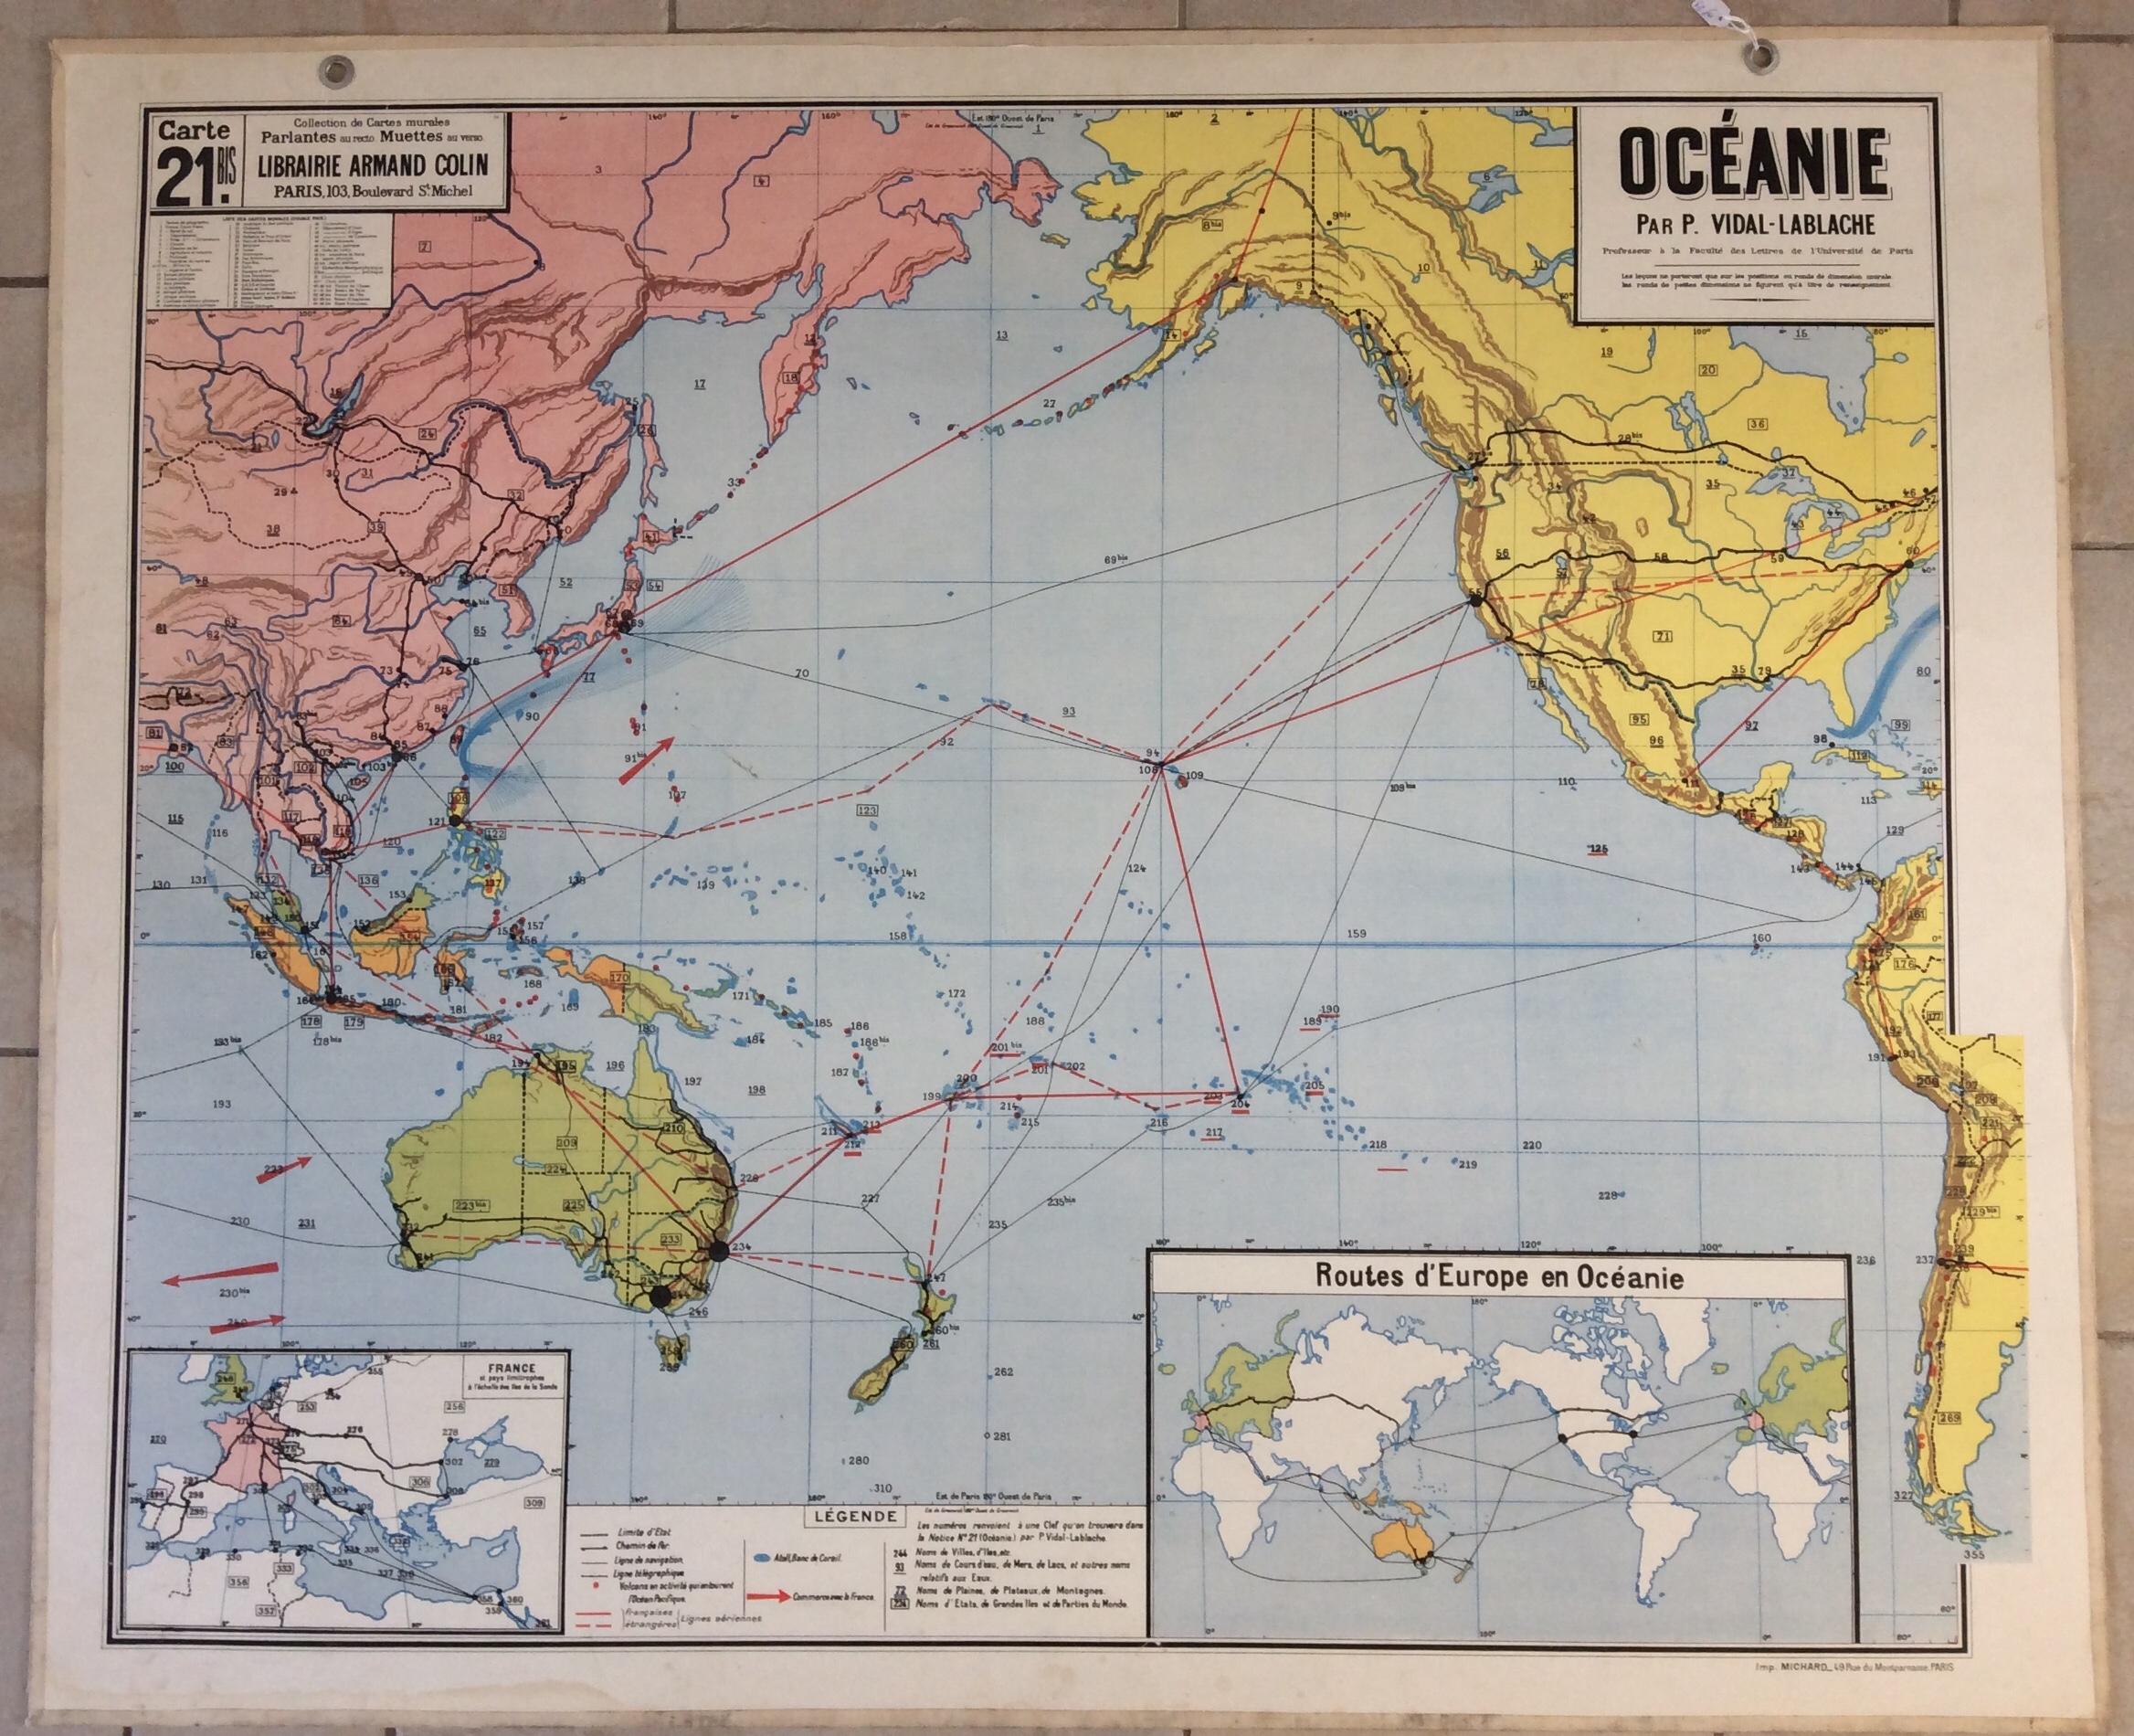 Carte Australie Deco.Carte Murale Scolaire Vidal Lablache Deco Vintage Oceanie